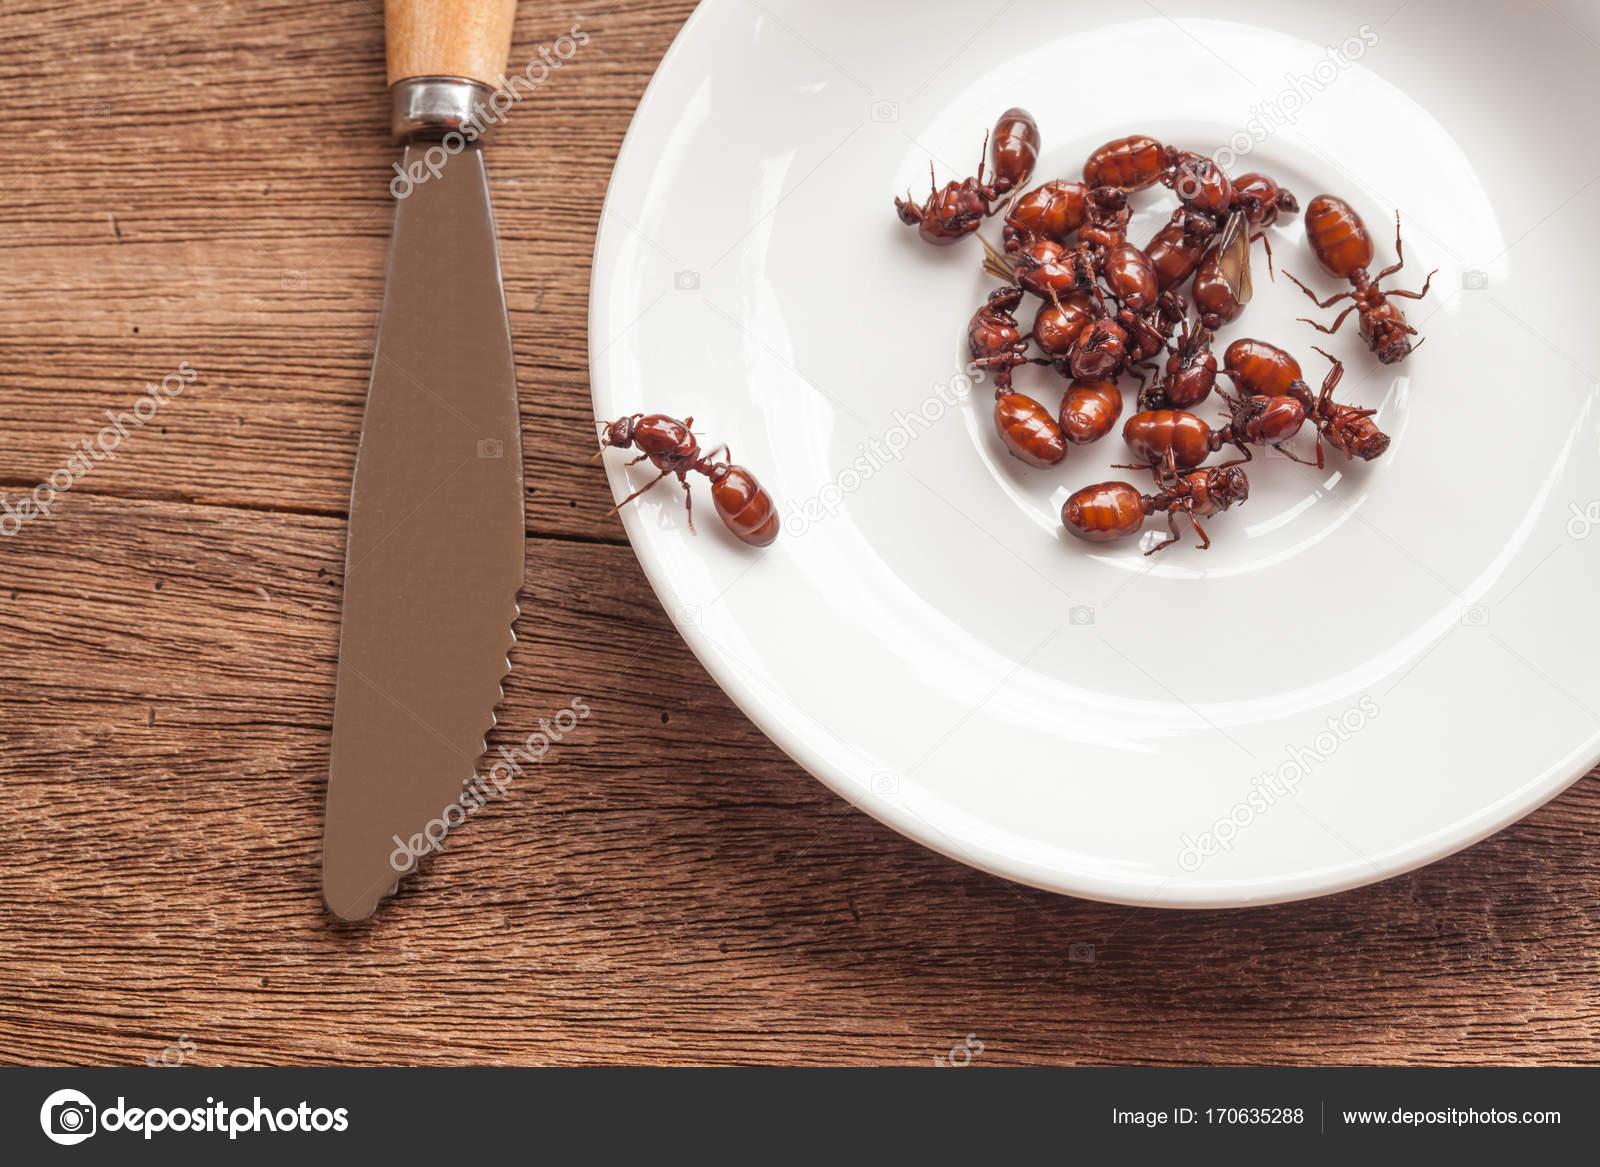 unterirdische Ameisen Braten ist saubere Lebensmittel in der lokalen ...